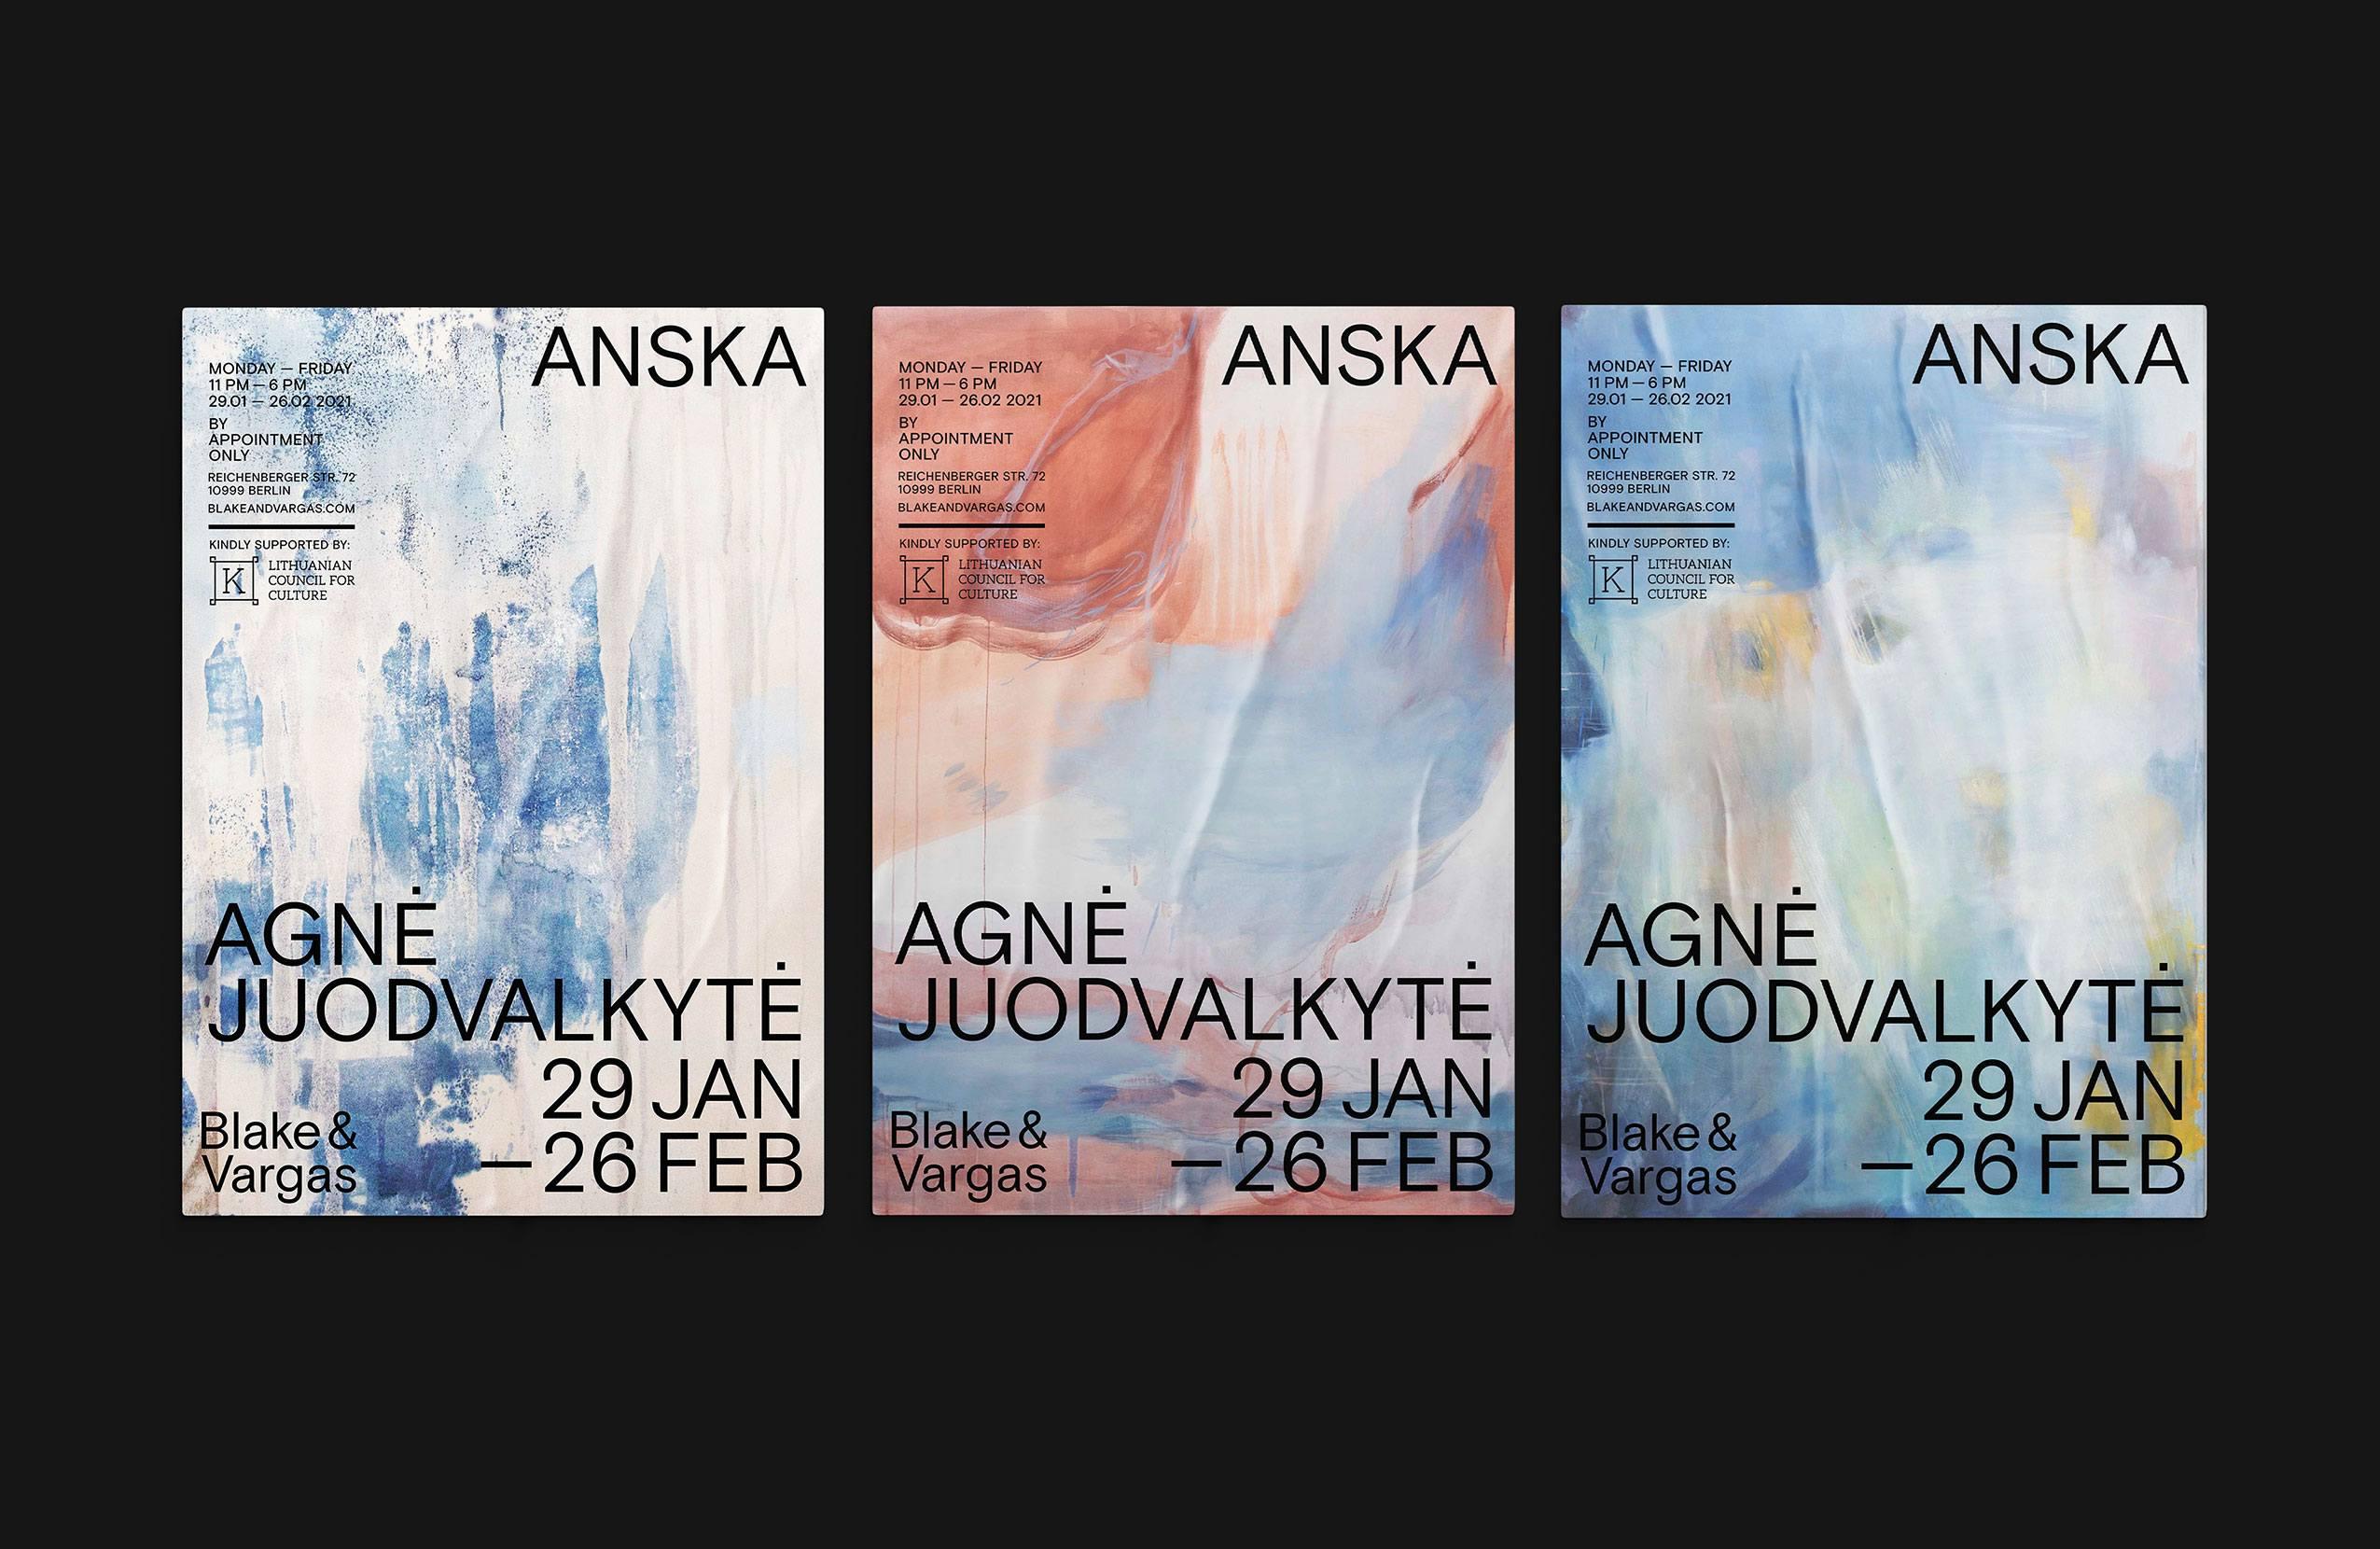 <p>AgnėJuodvalkytė / ANSKA – Posters</p>